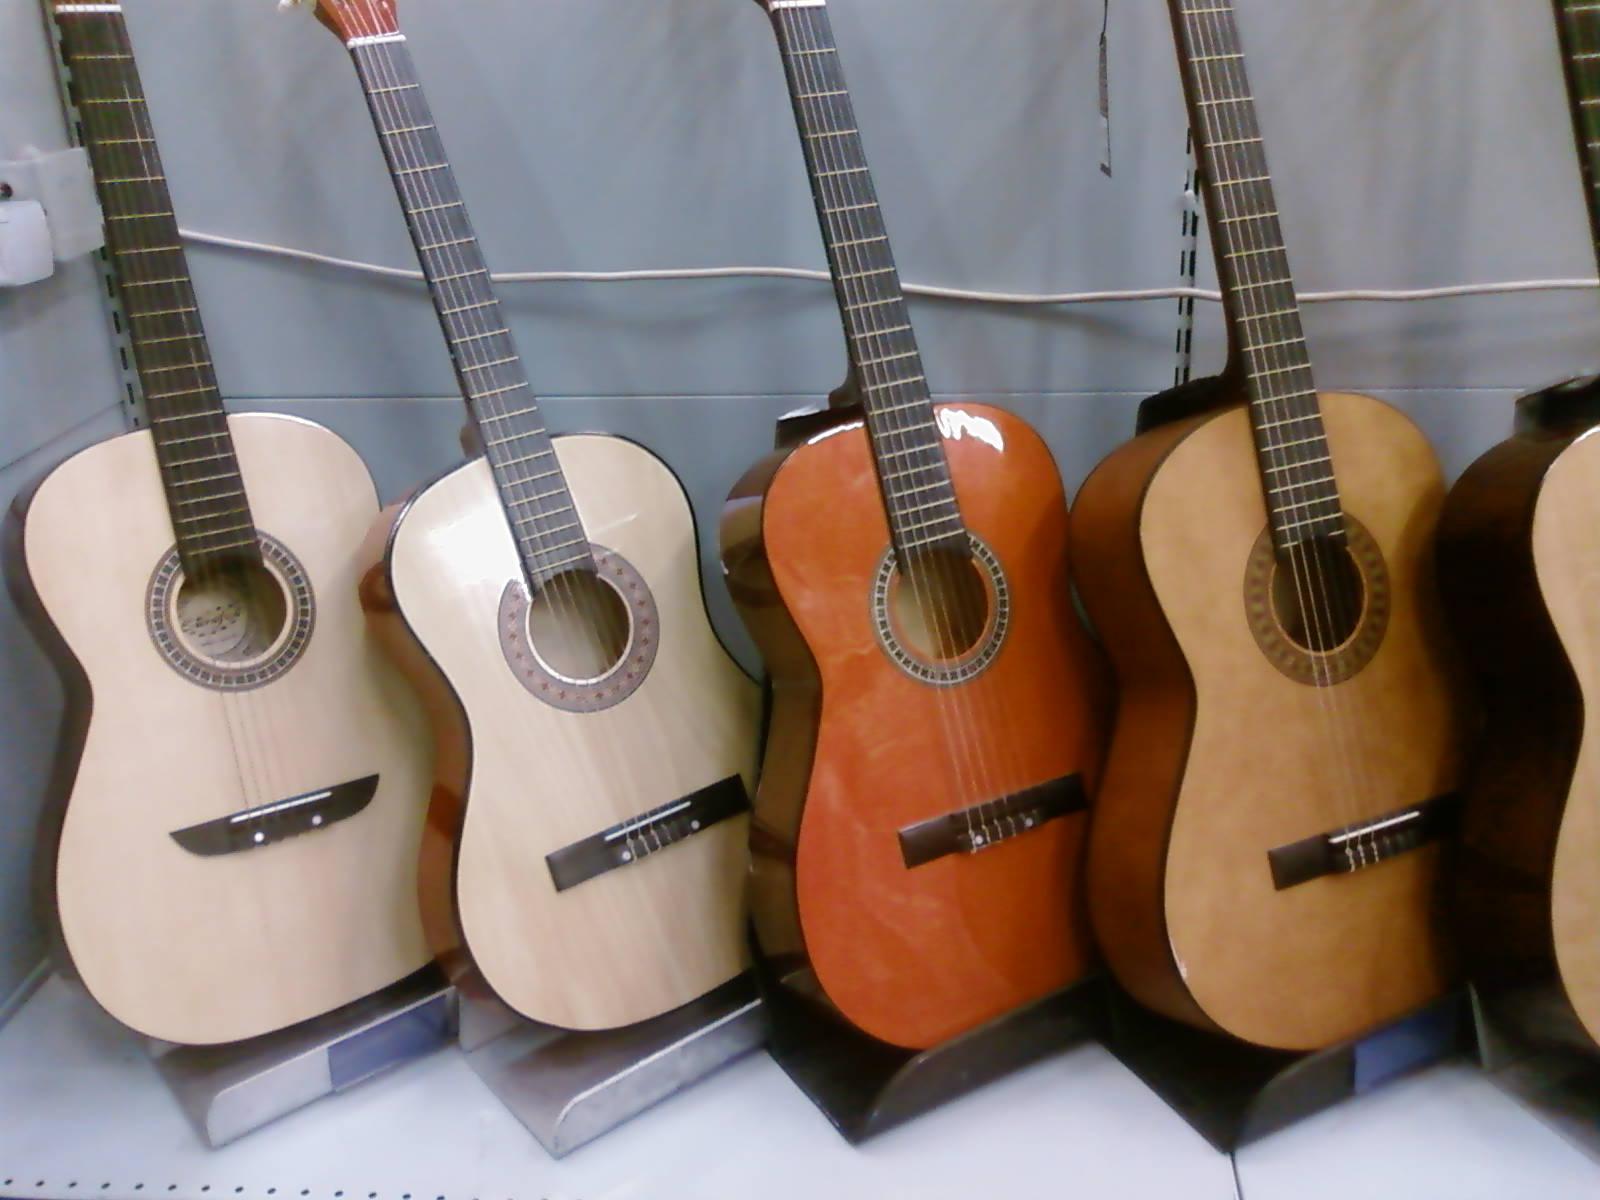 Как выбрать гитару? Советы гитаристам